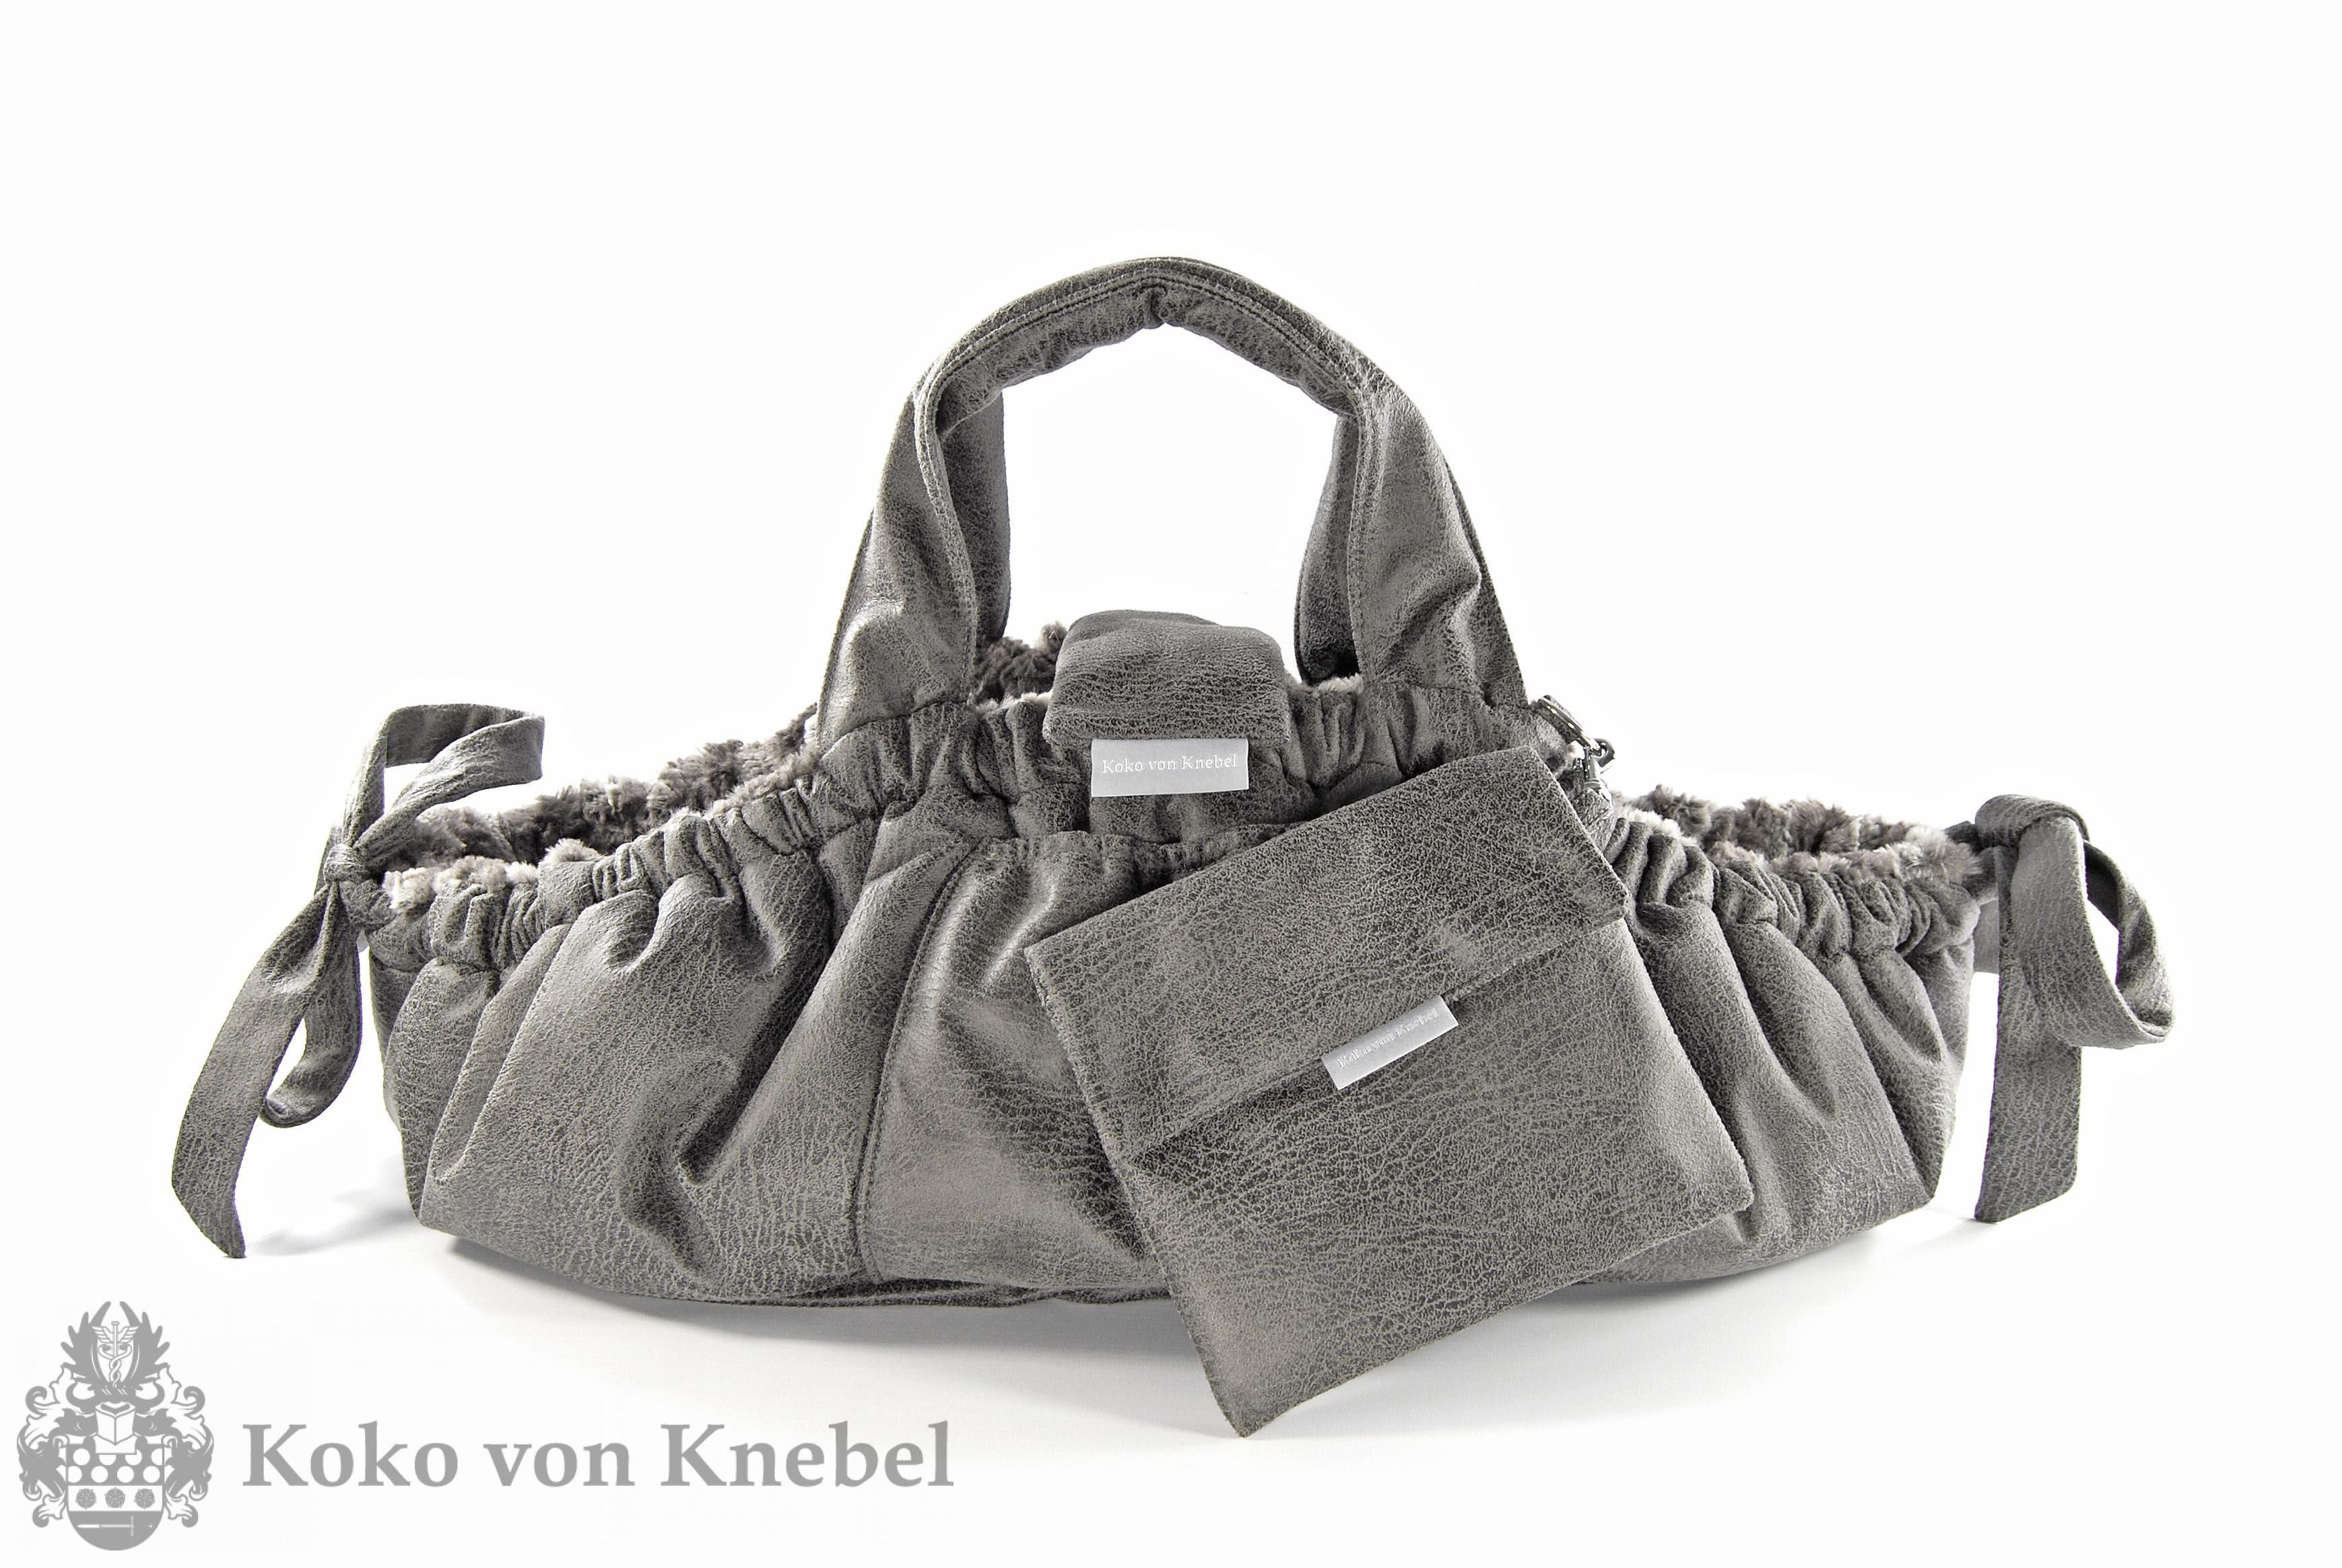 Die Aida, unsere IT Bag!